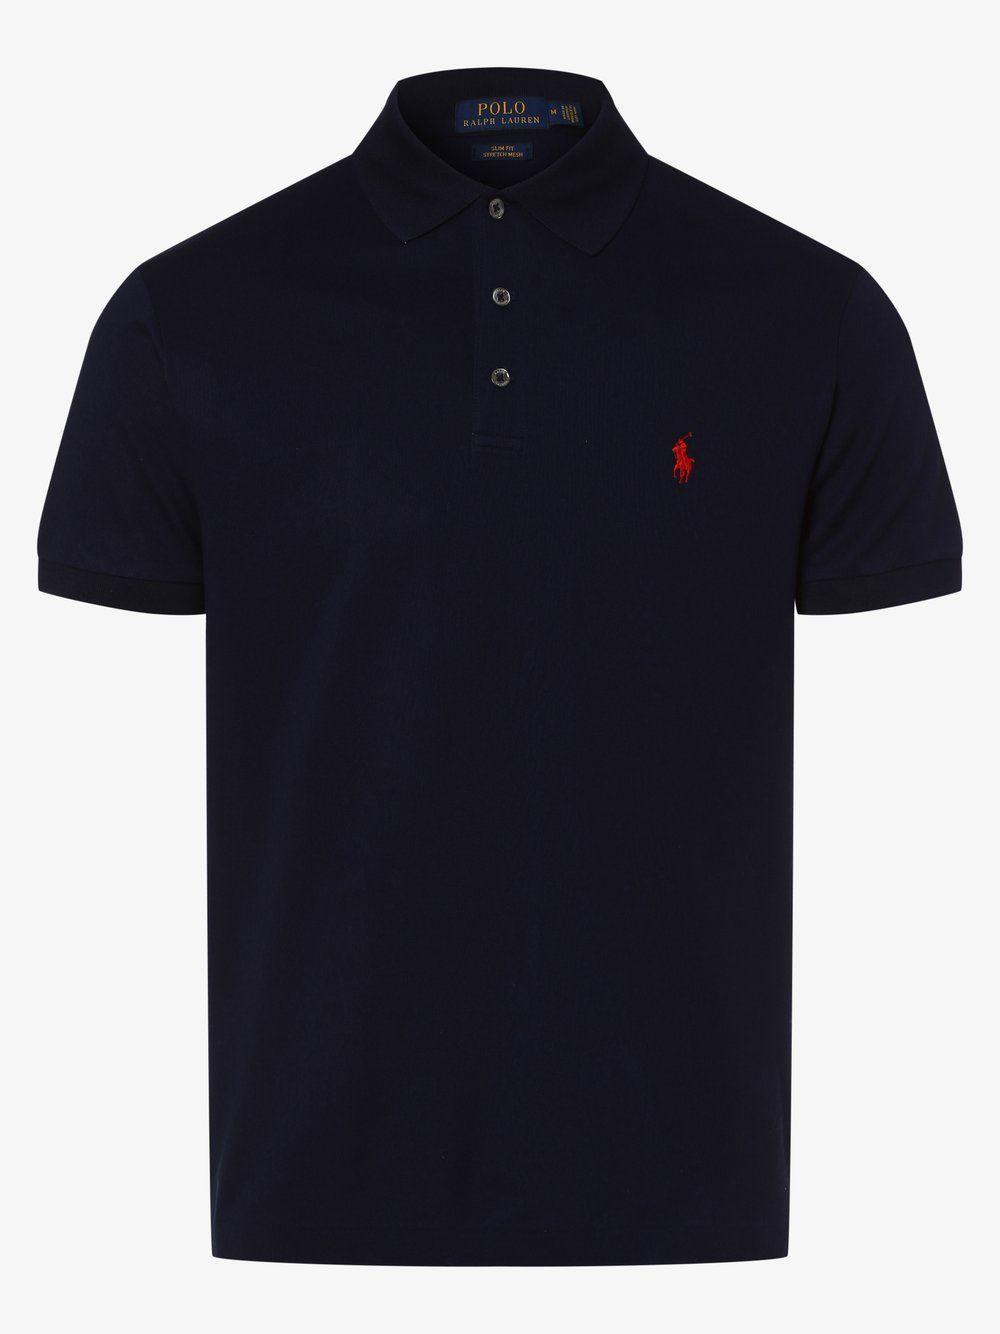 Polo Ralph Lauren Poloshirt Slim Fit Blau In 2020 Ralph Lauren Poloshirt Polo Ralph Lauren Und Poloshirt